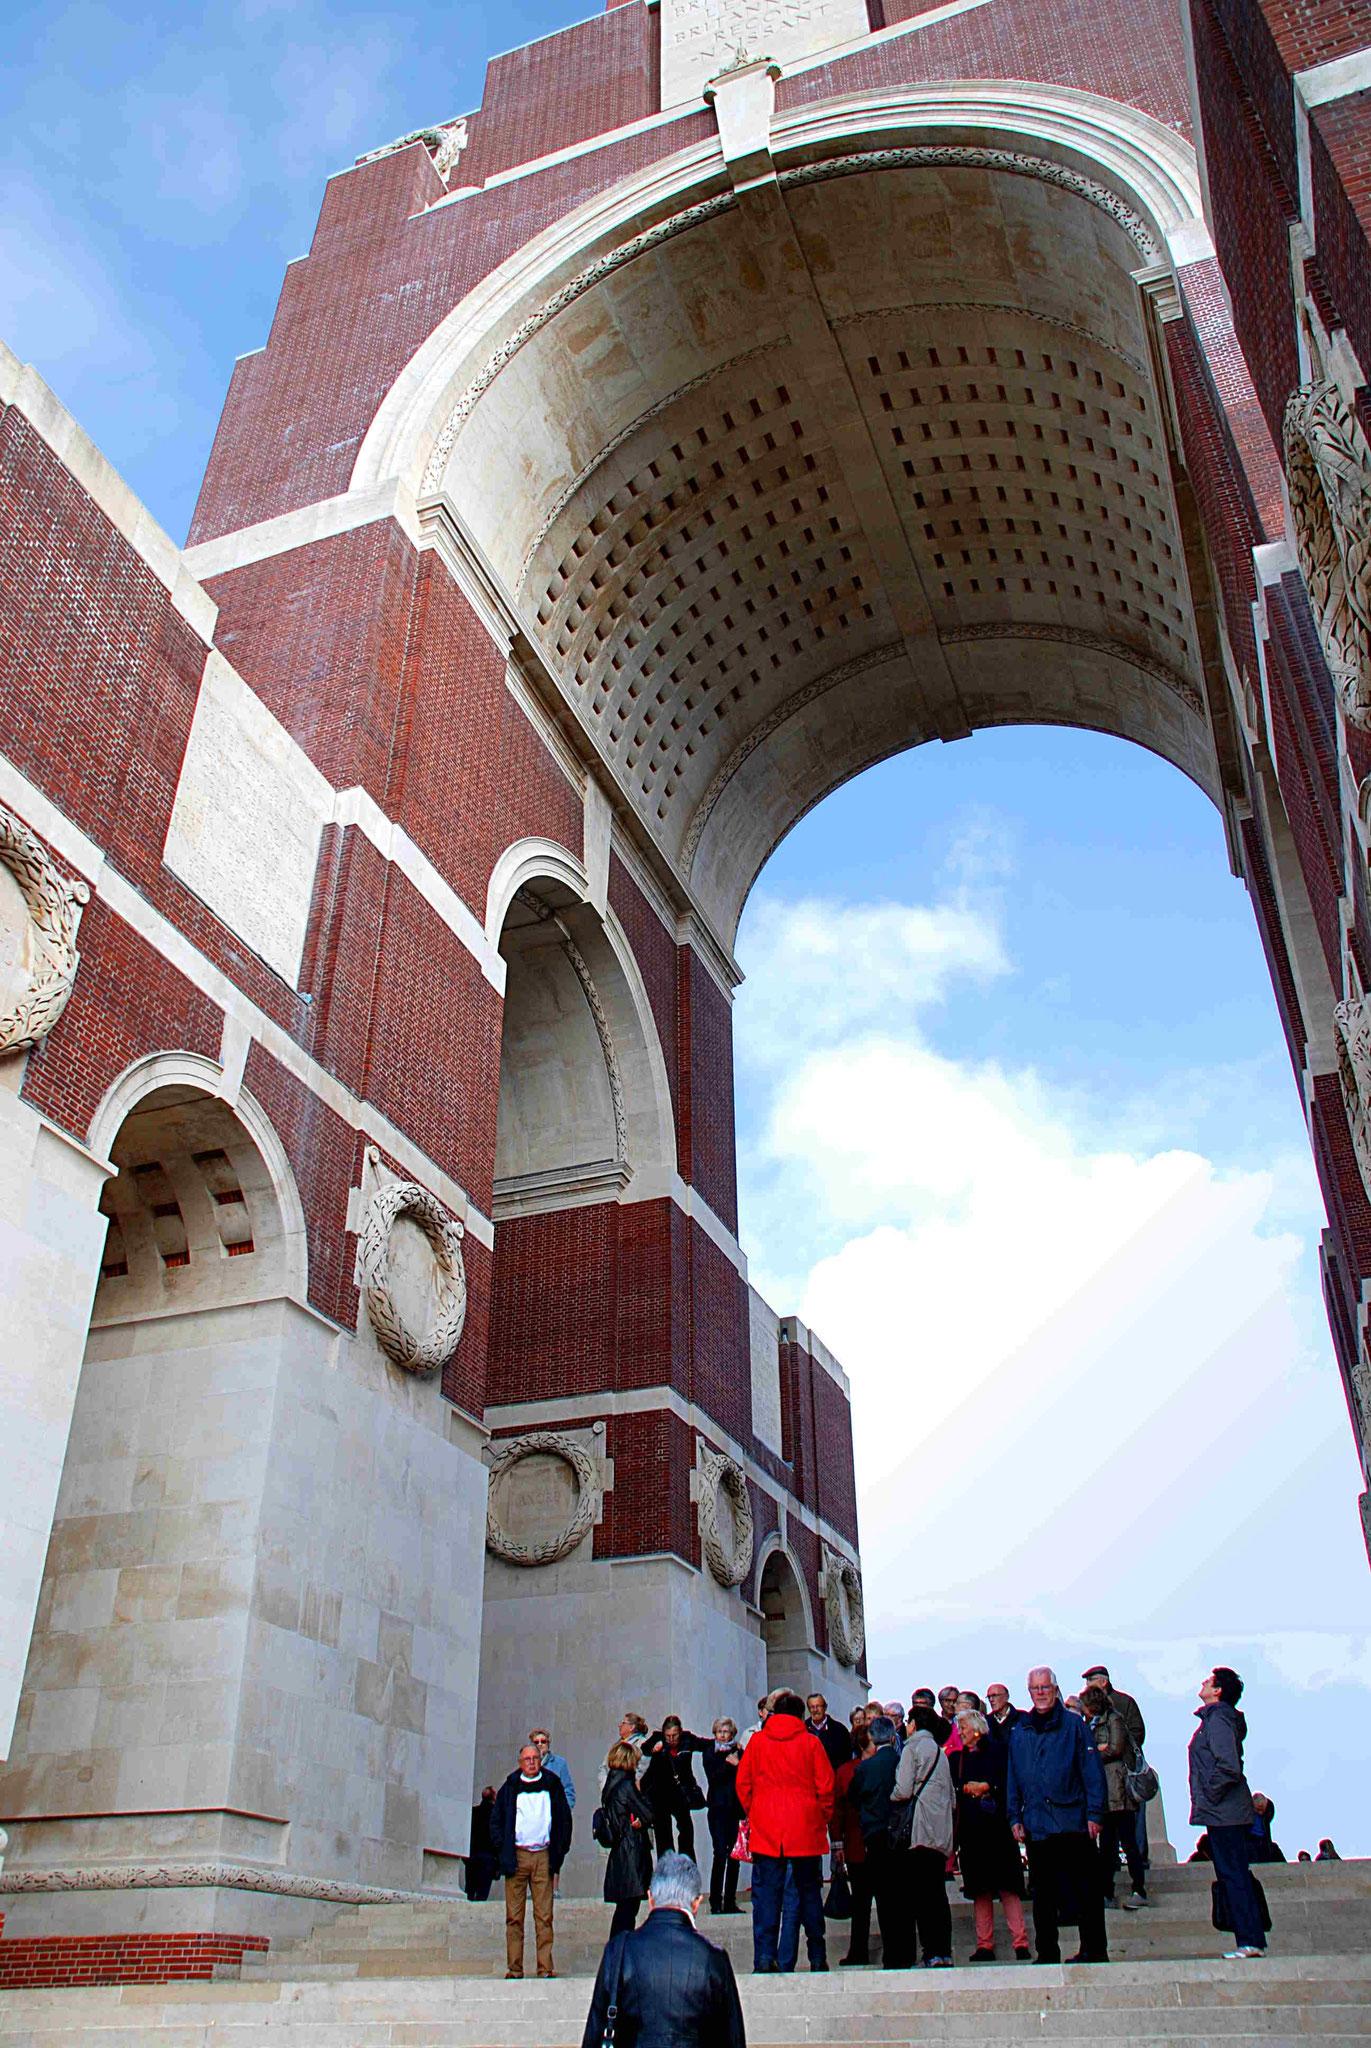 L'arche a 45 mètres de haut